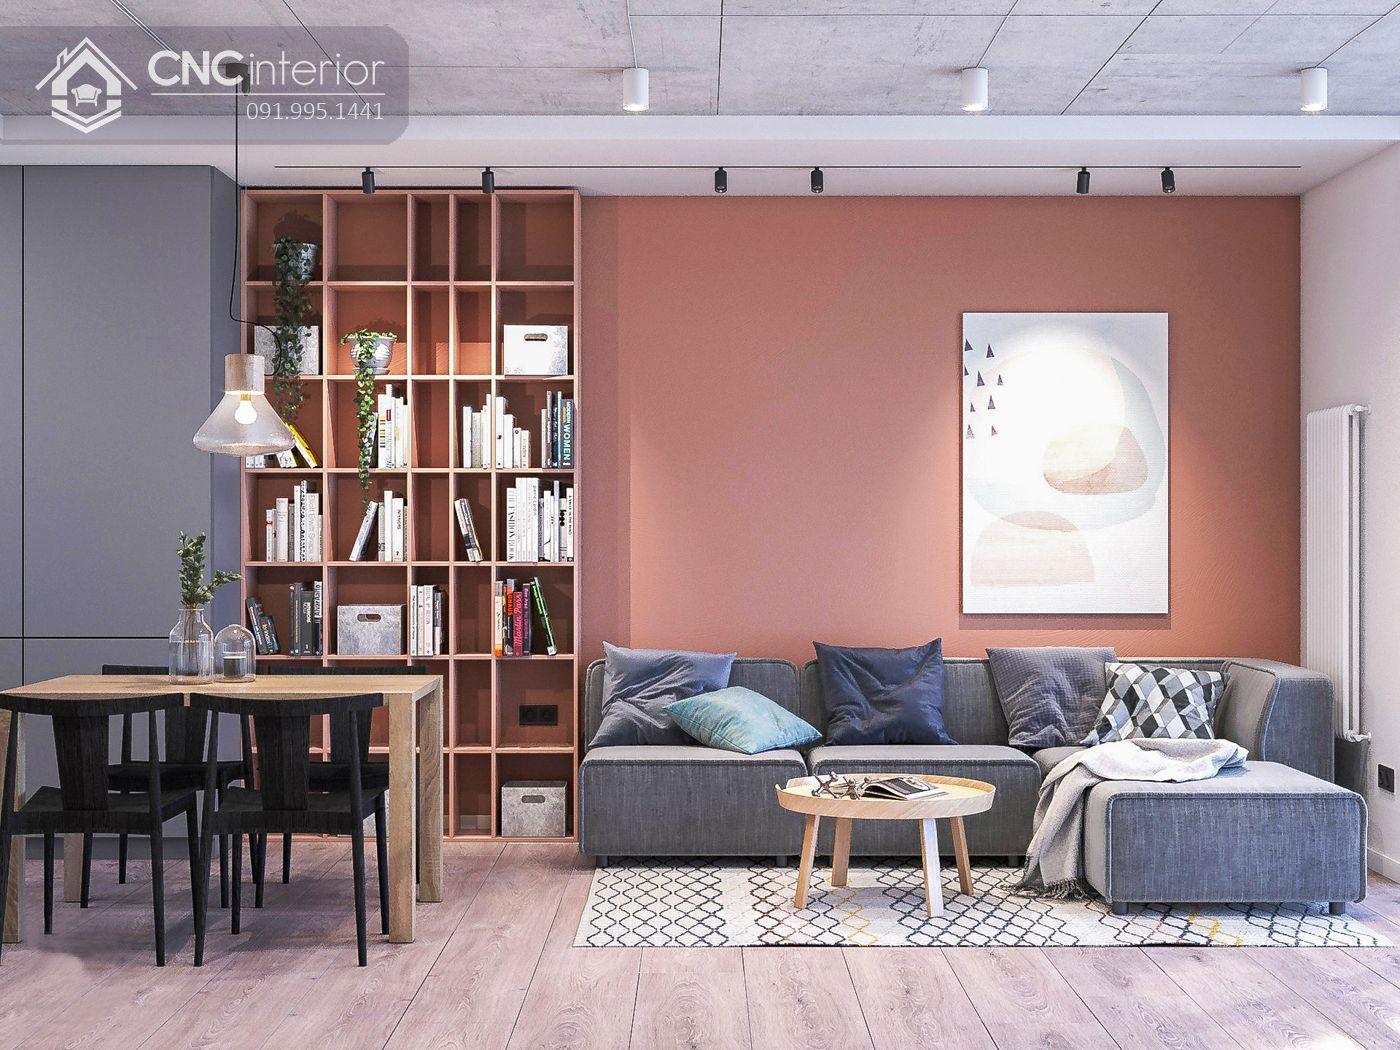 mẫu thiết kế nội thất phòng khách đẹp 11